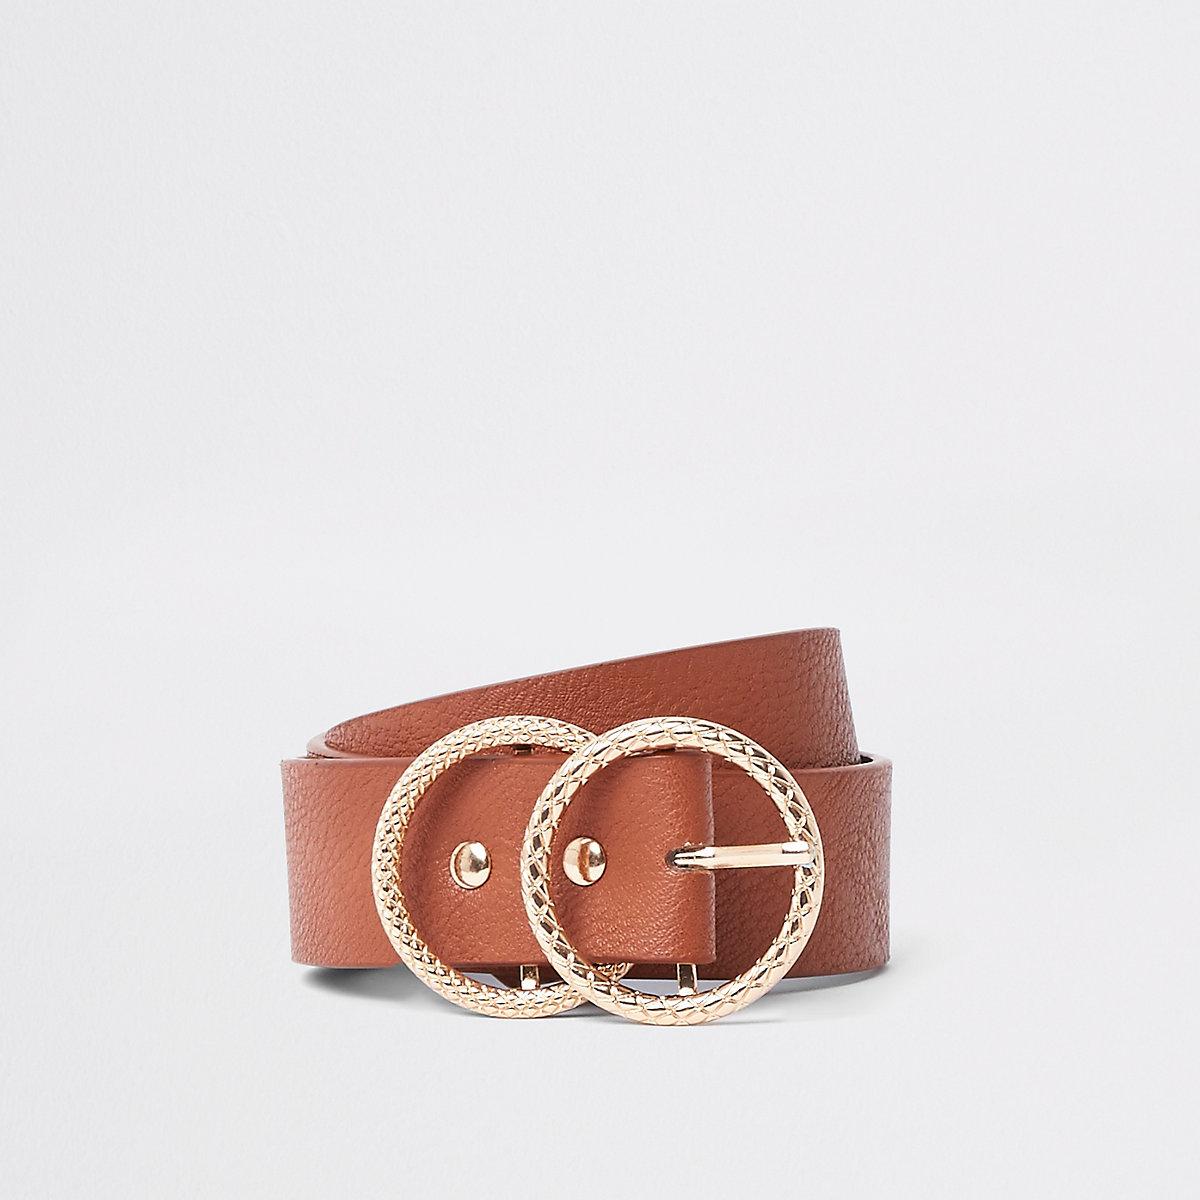 Bruine jeansriem met textuur, gesp en dubbele ring